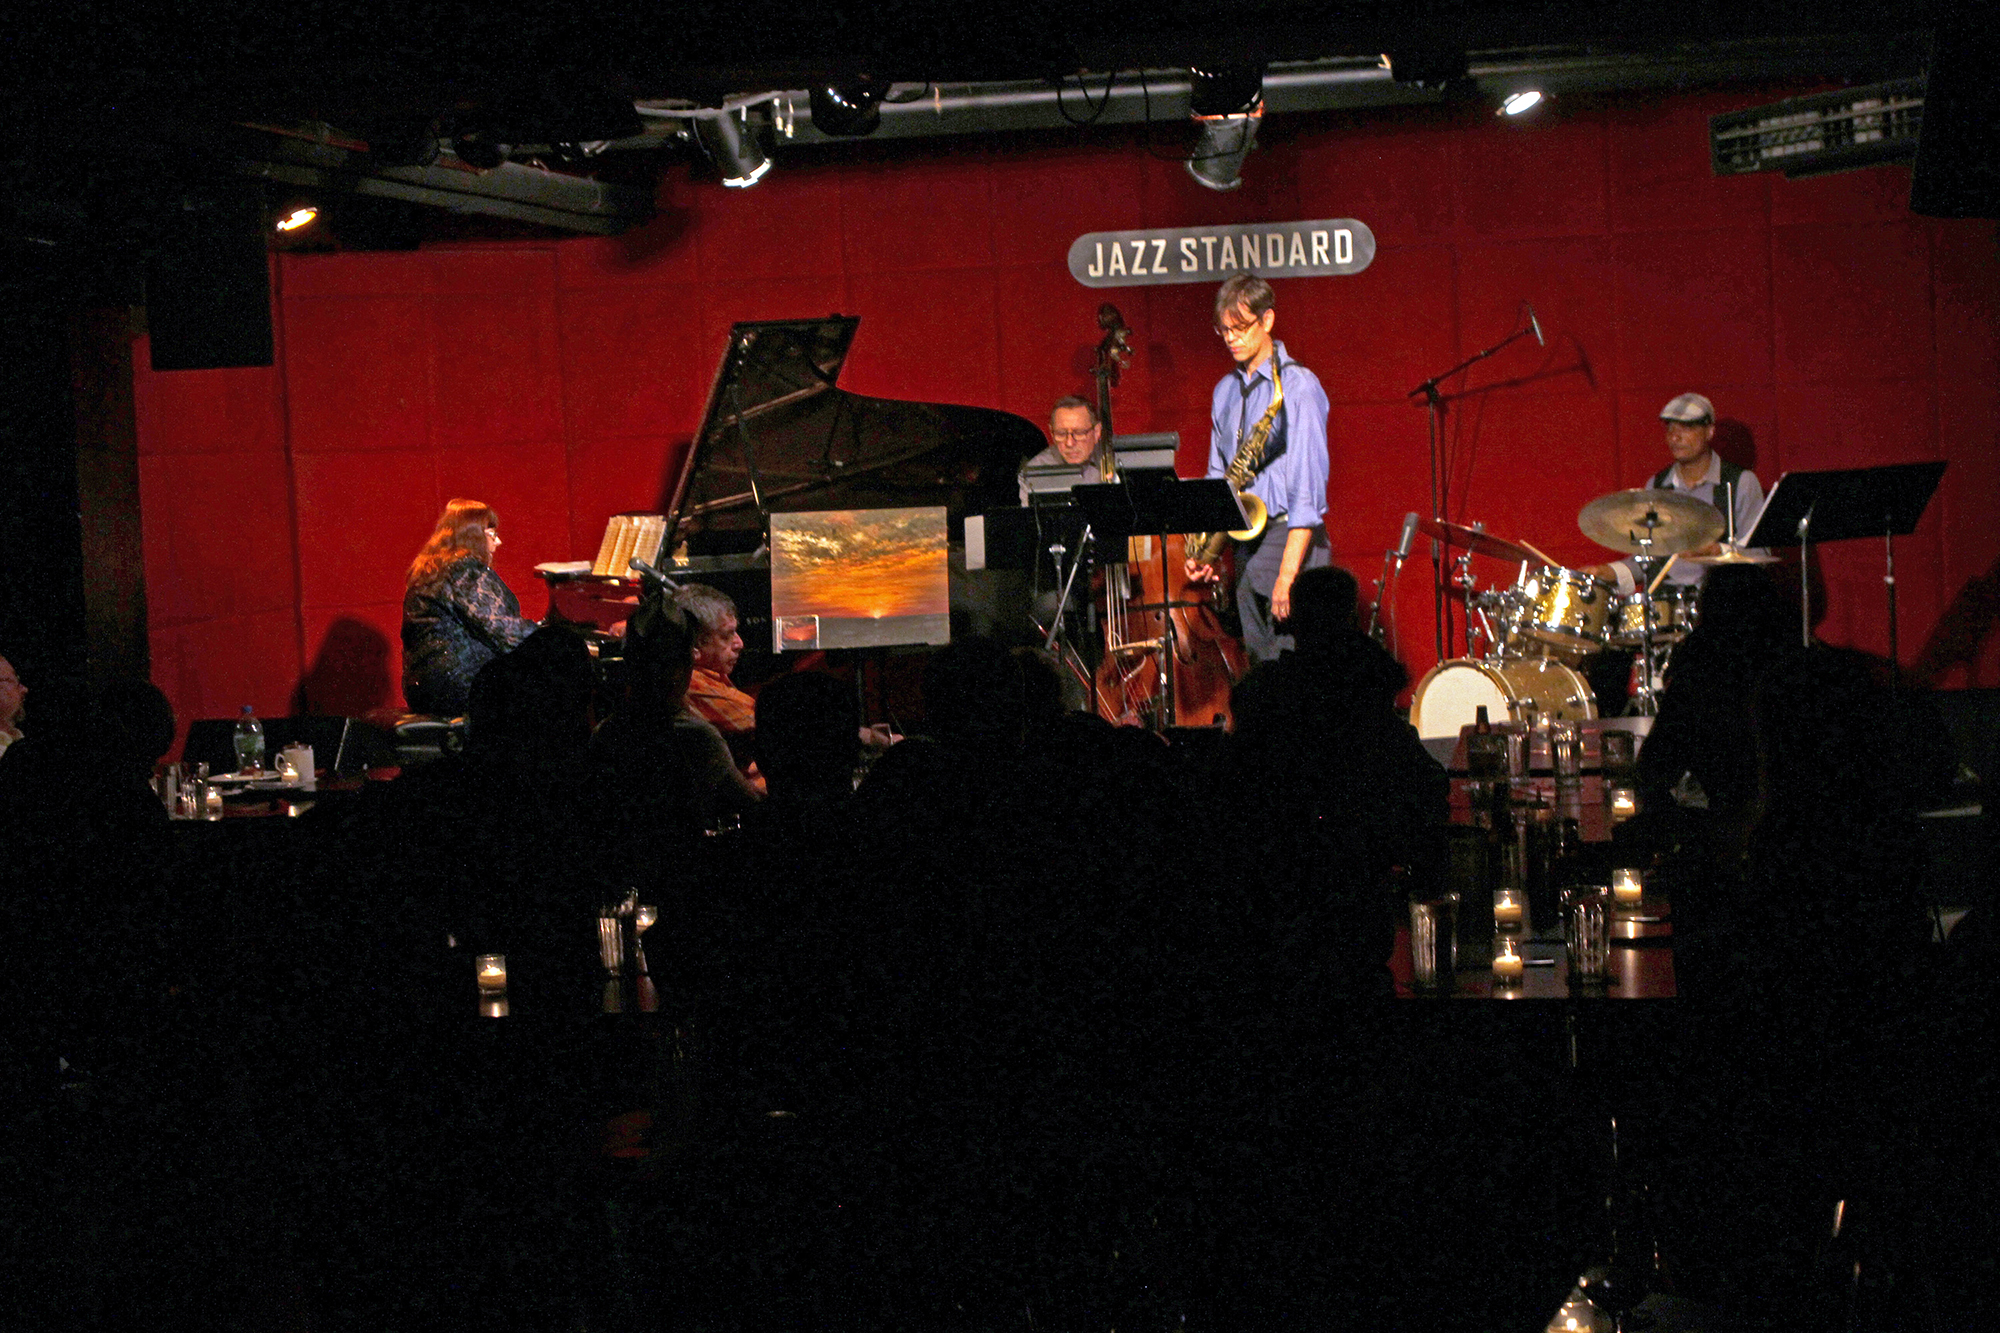 Jazz Standard Quartet on stage